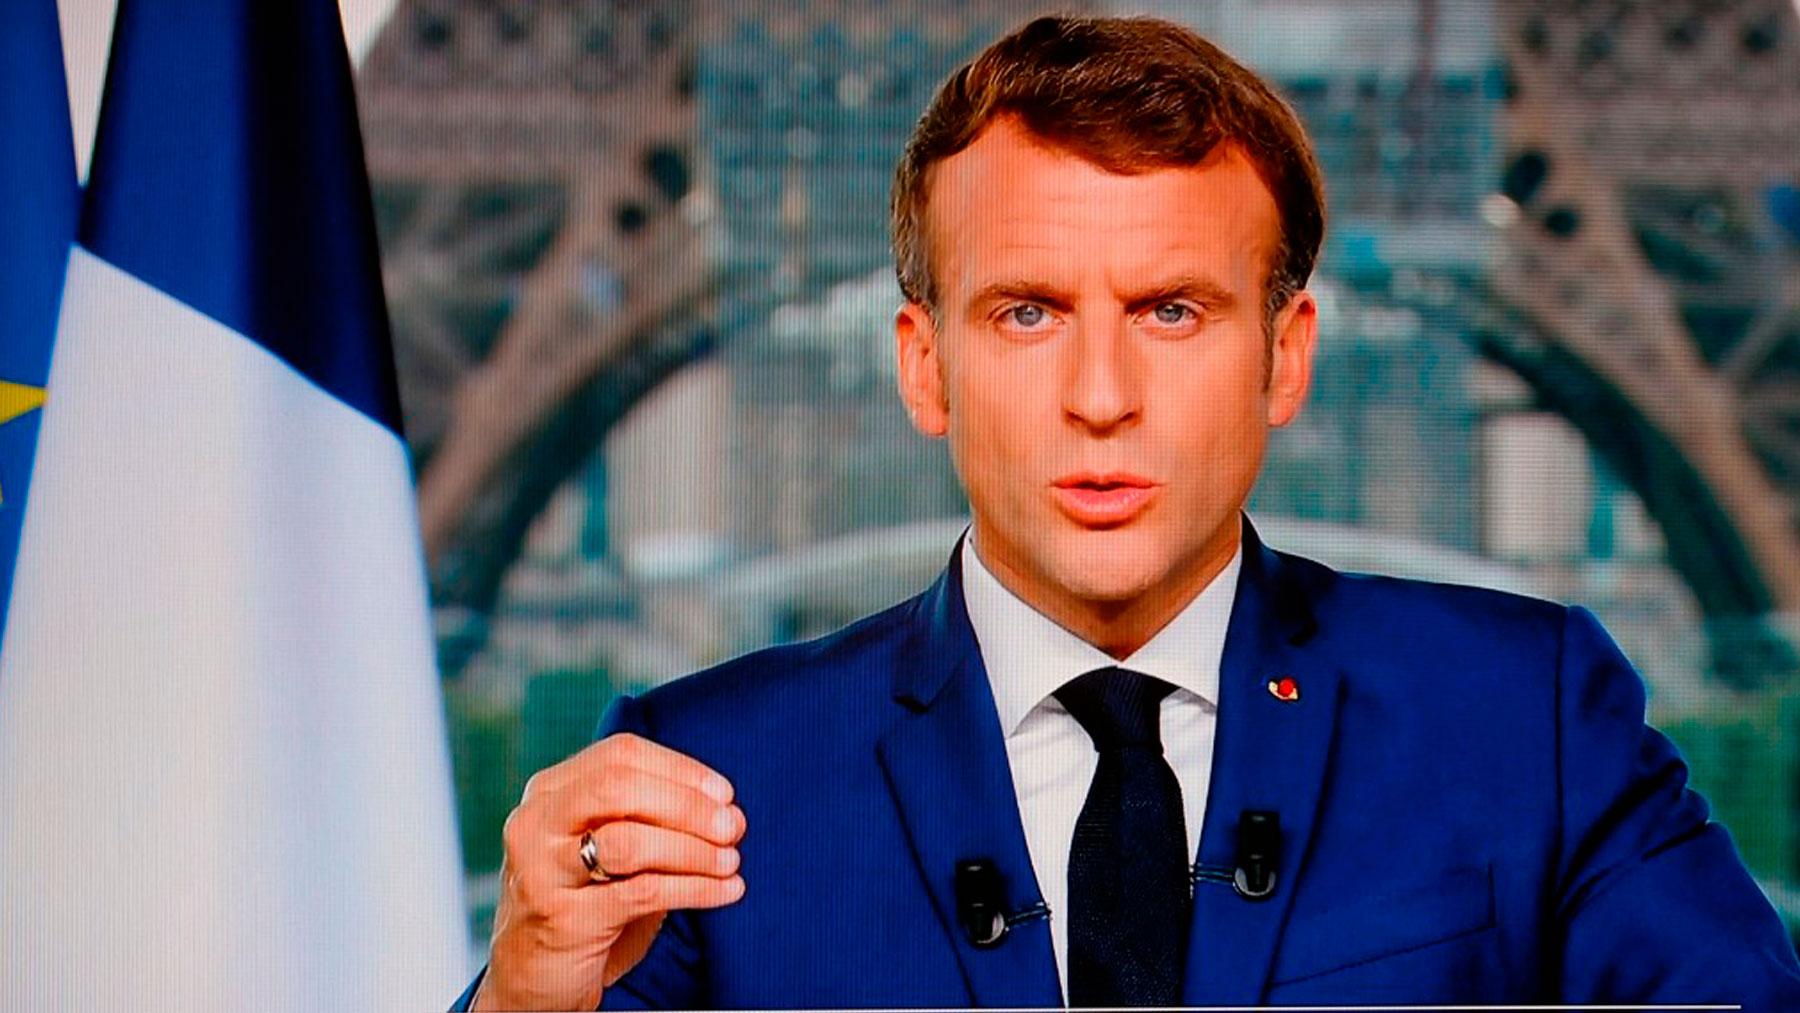 El presidente de Francia, Emmanuel Macron, anunciando en televisión la vacunación obligatoria del personal sanitario. Foto: AFP